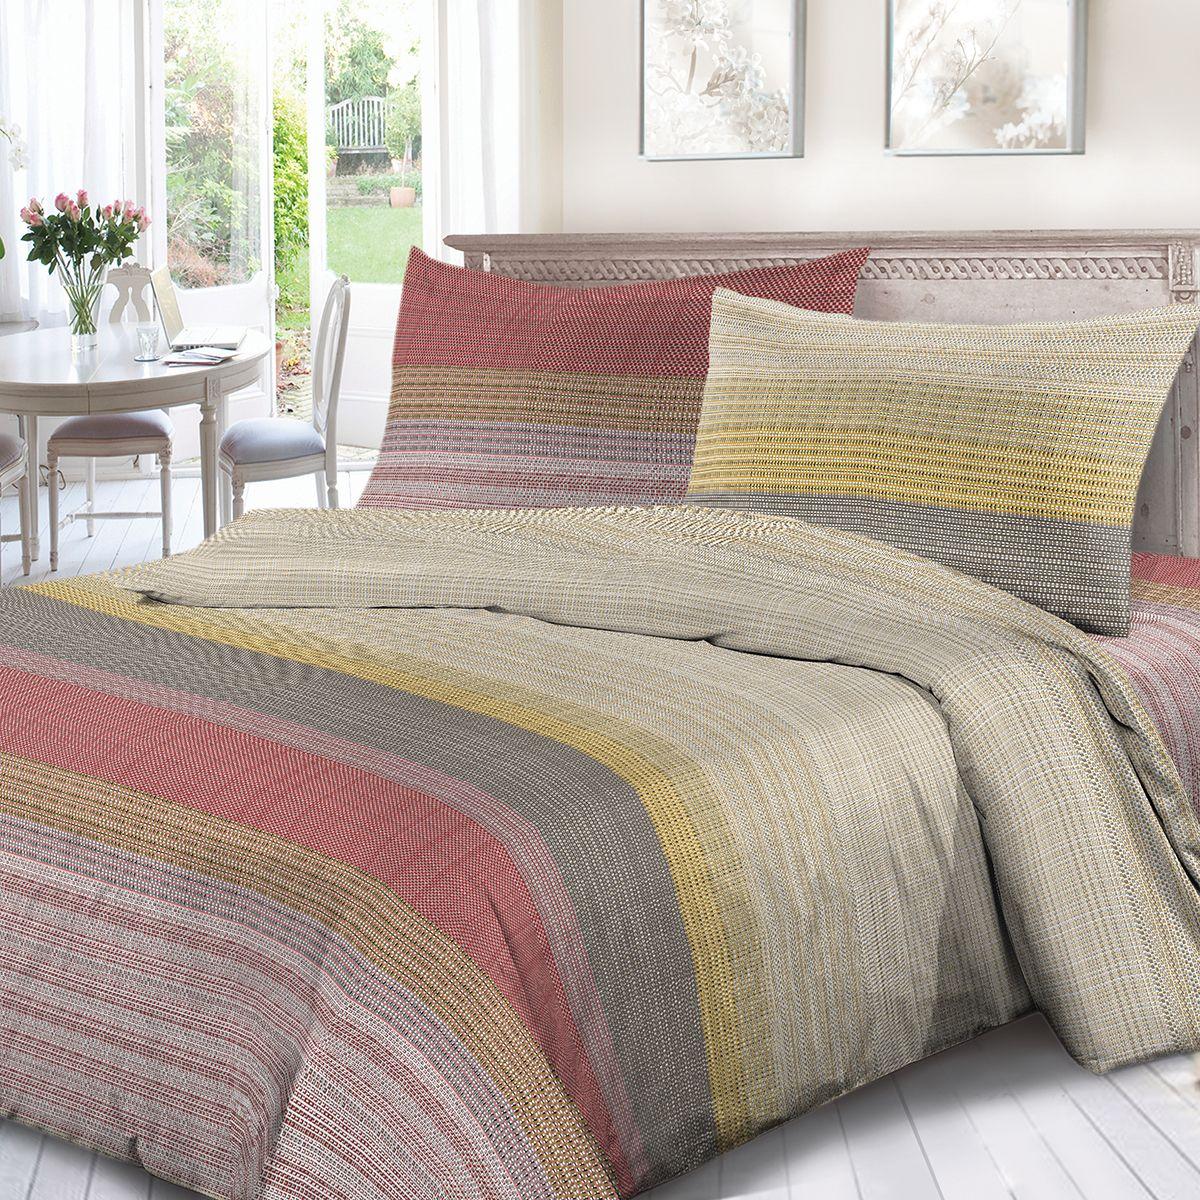 Комплект белья Сорренто Армандо, 2-х спальное, наволочки 70x70, цвет: разноцветный. 4123-190426